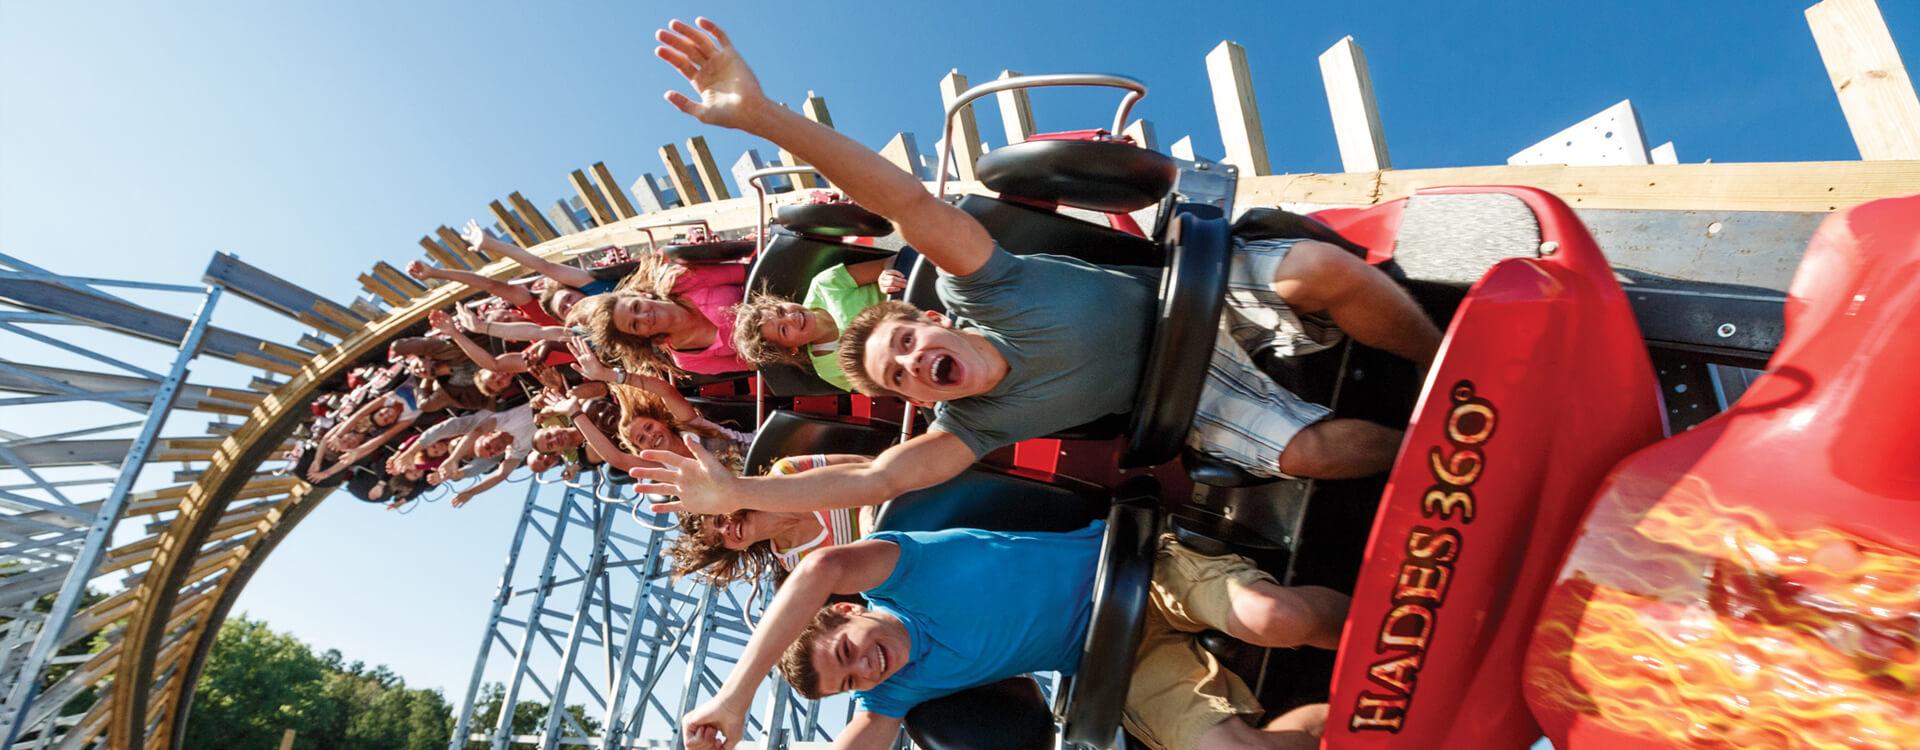 Hades 360 Roller Coaster